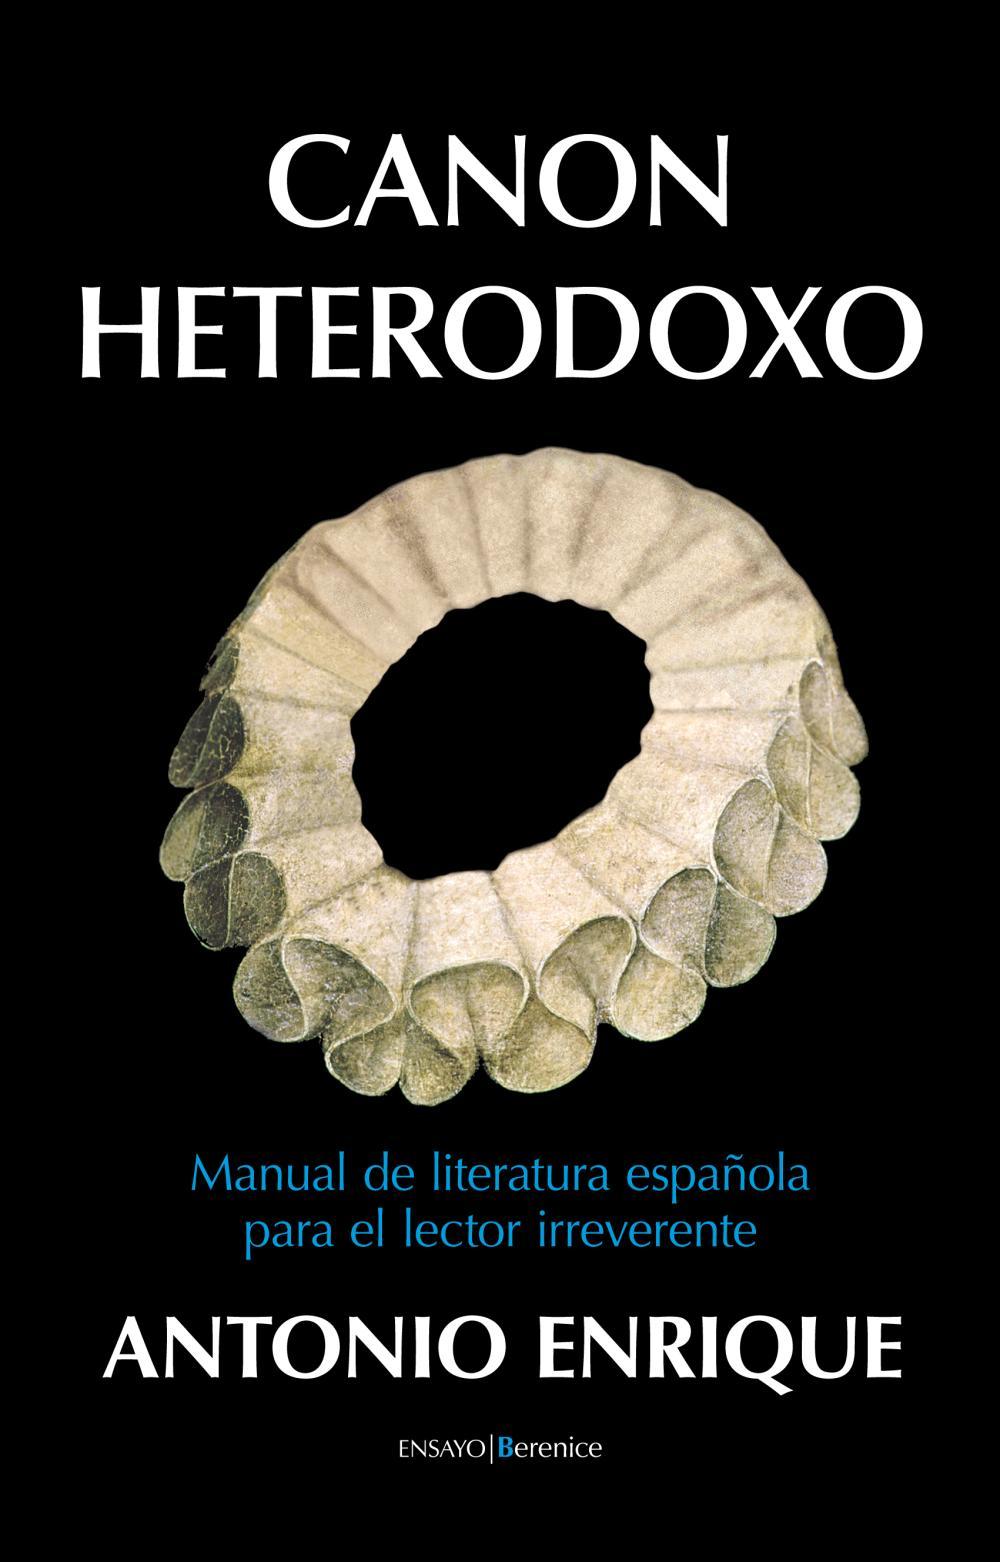 Canon heterodoxo